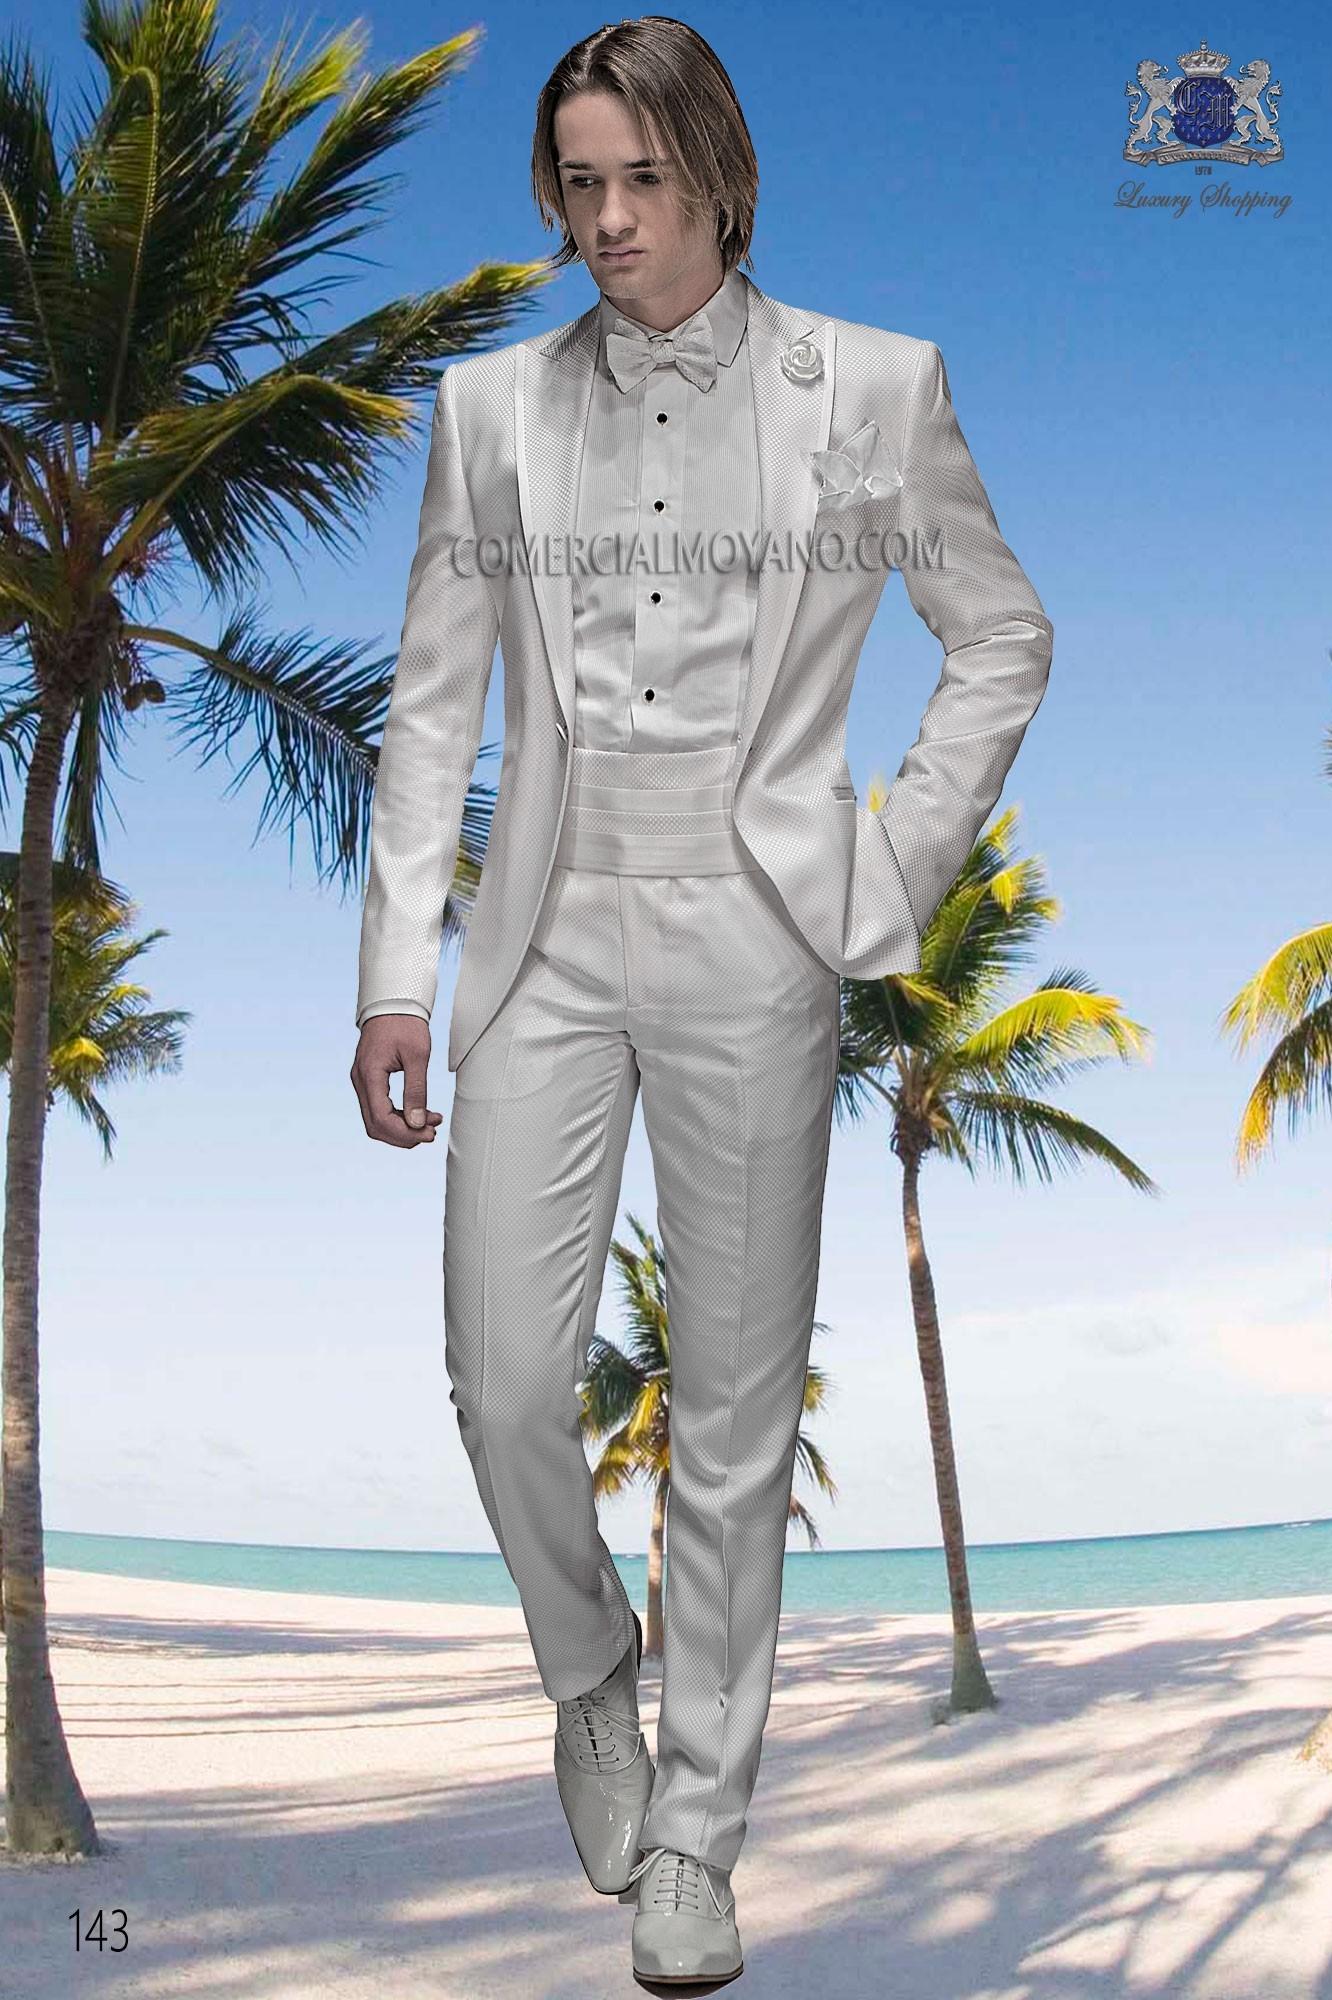 Traje de novio Hipster blanco modelo: 143 Ottavio Nuccio Gala colección Hipster 2017